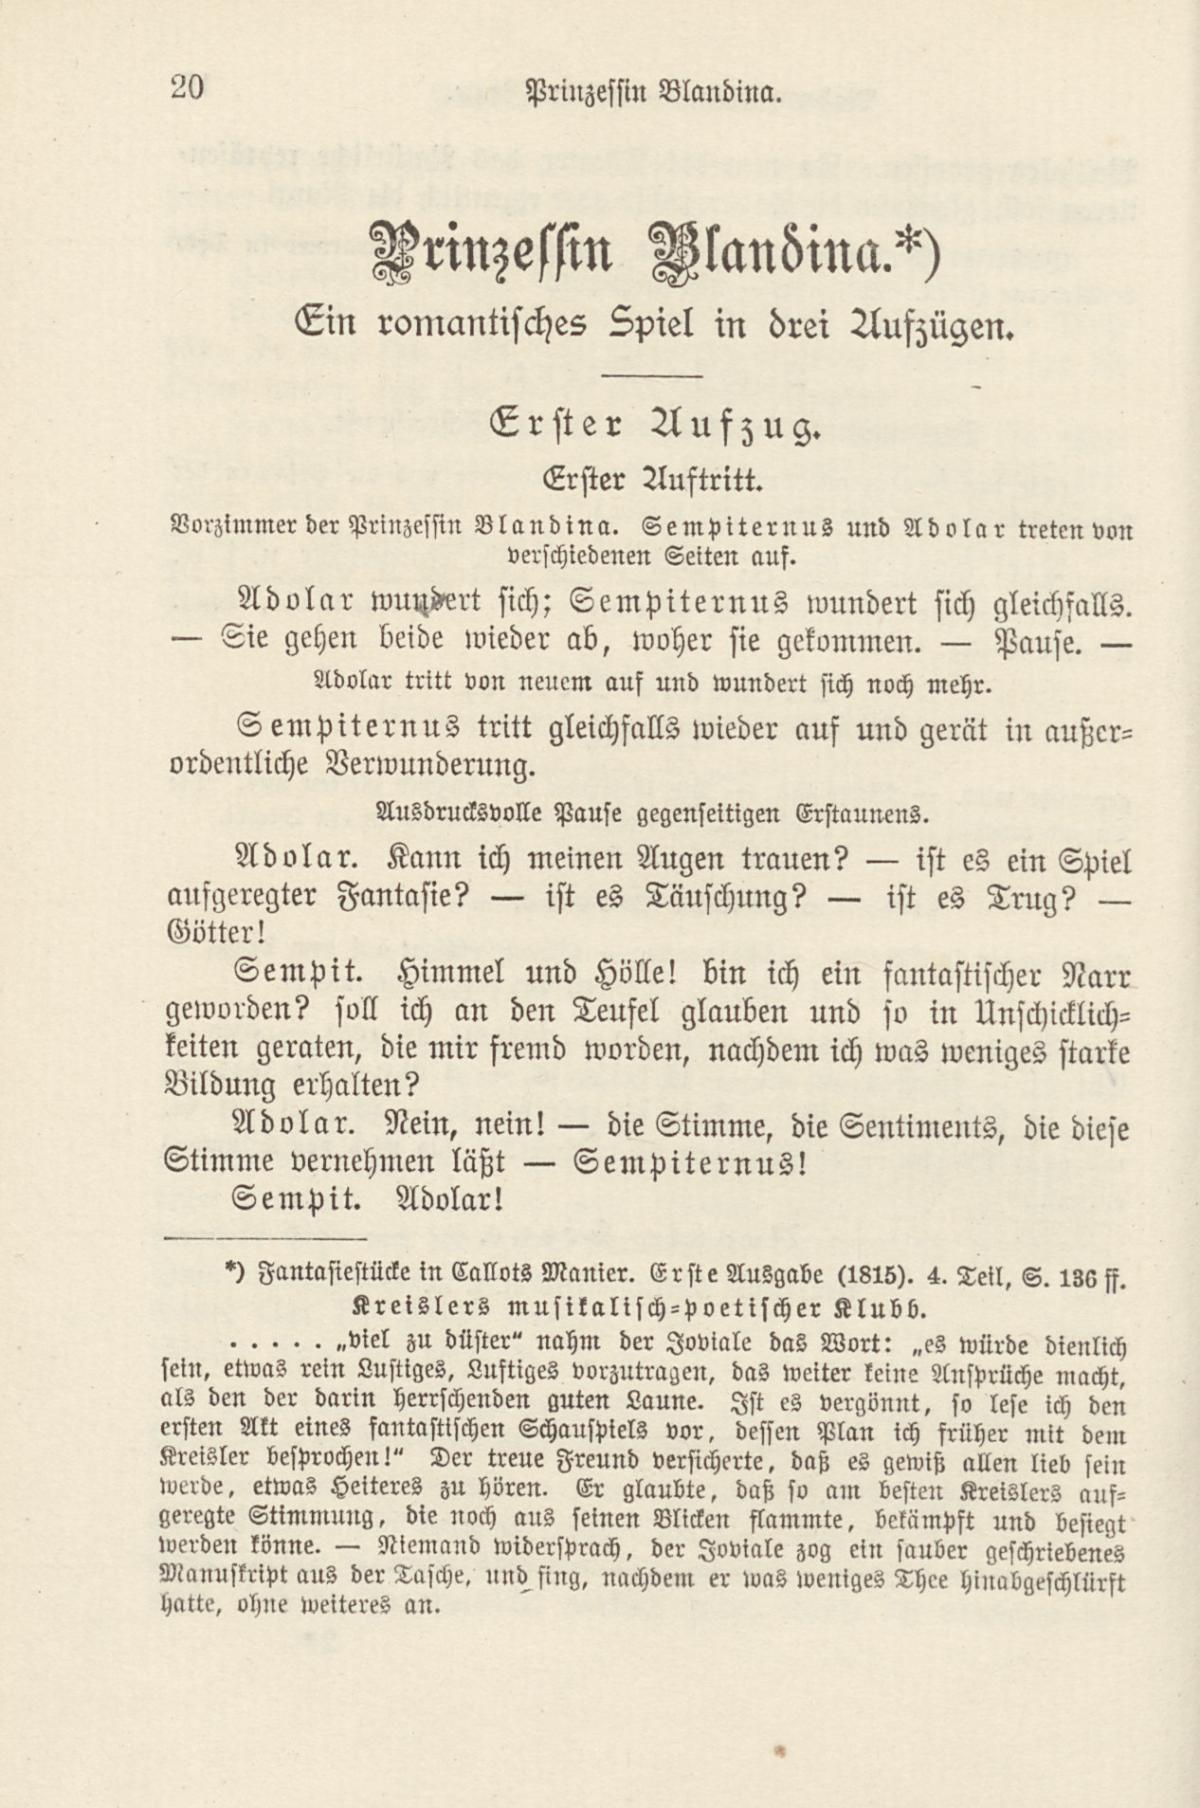 E.T.A. Hoffmann: Prinzessin Blandina, in: E.T.A. Hoffmann's sämtliche Werke in fünfzehn Bänden. Bd. 15. Leipzig: Max Hesse's Verlag 1900. SBB-PK Sign. Yw 9078/9-15.